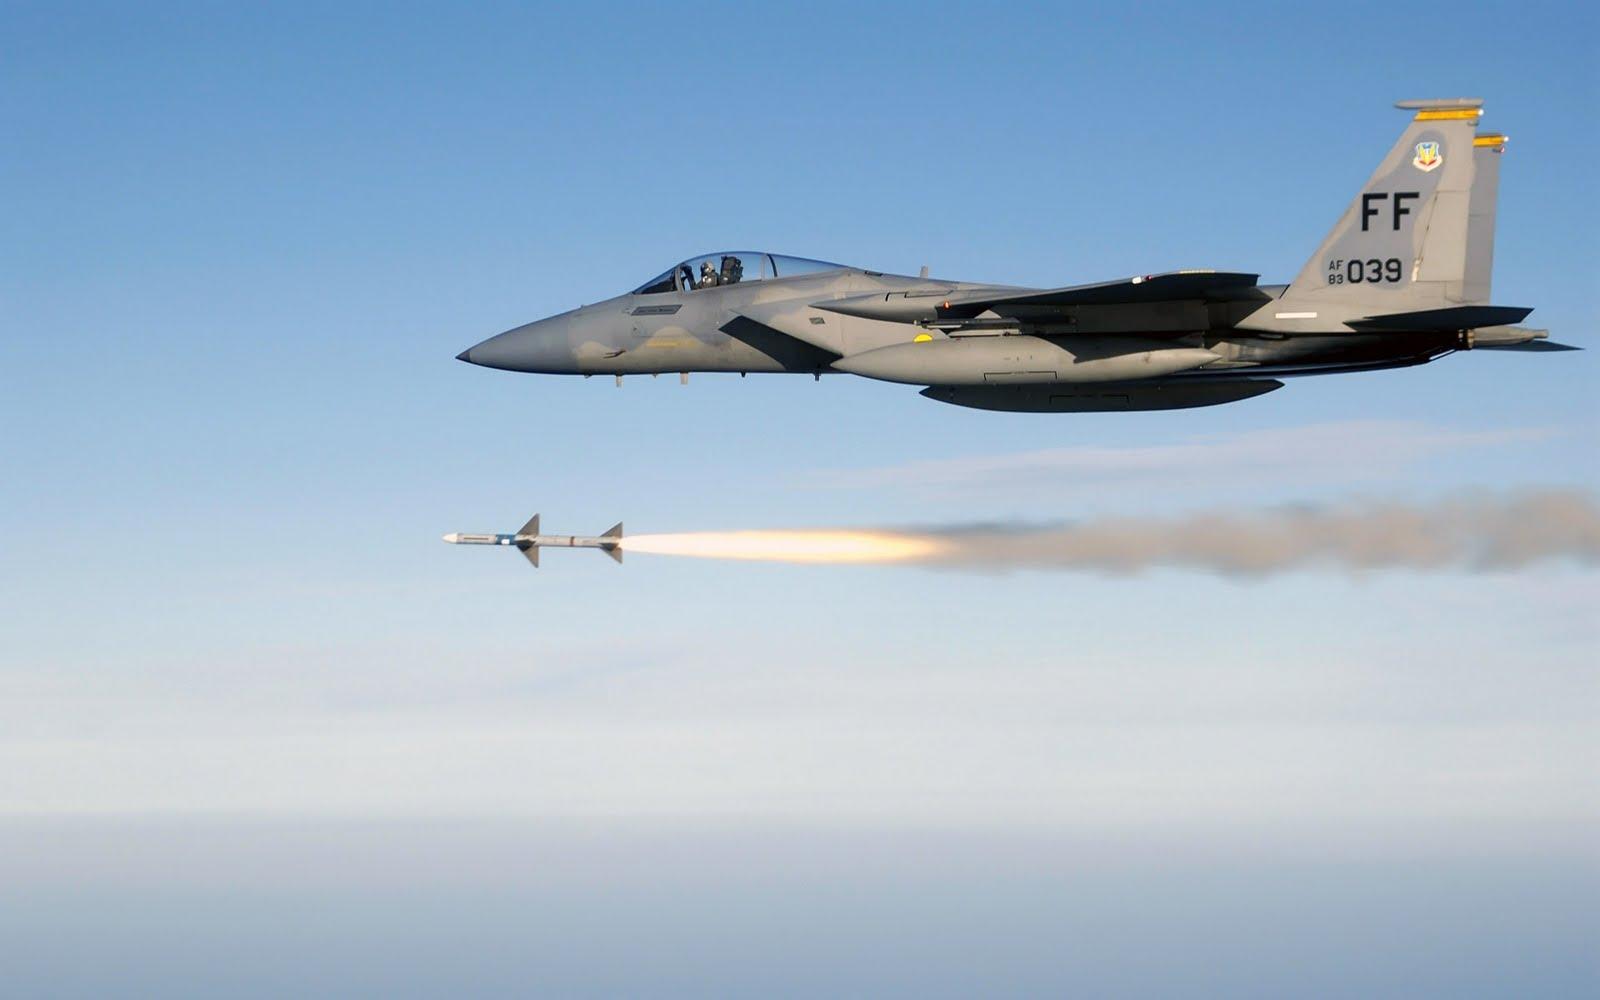 x men first class fighter jet wide Wallpaper HD Desktop